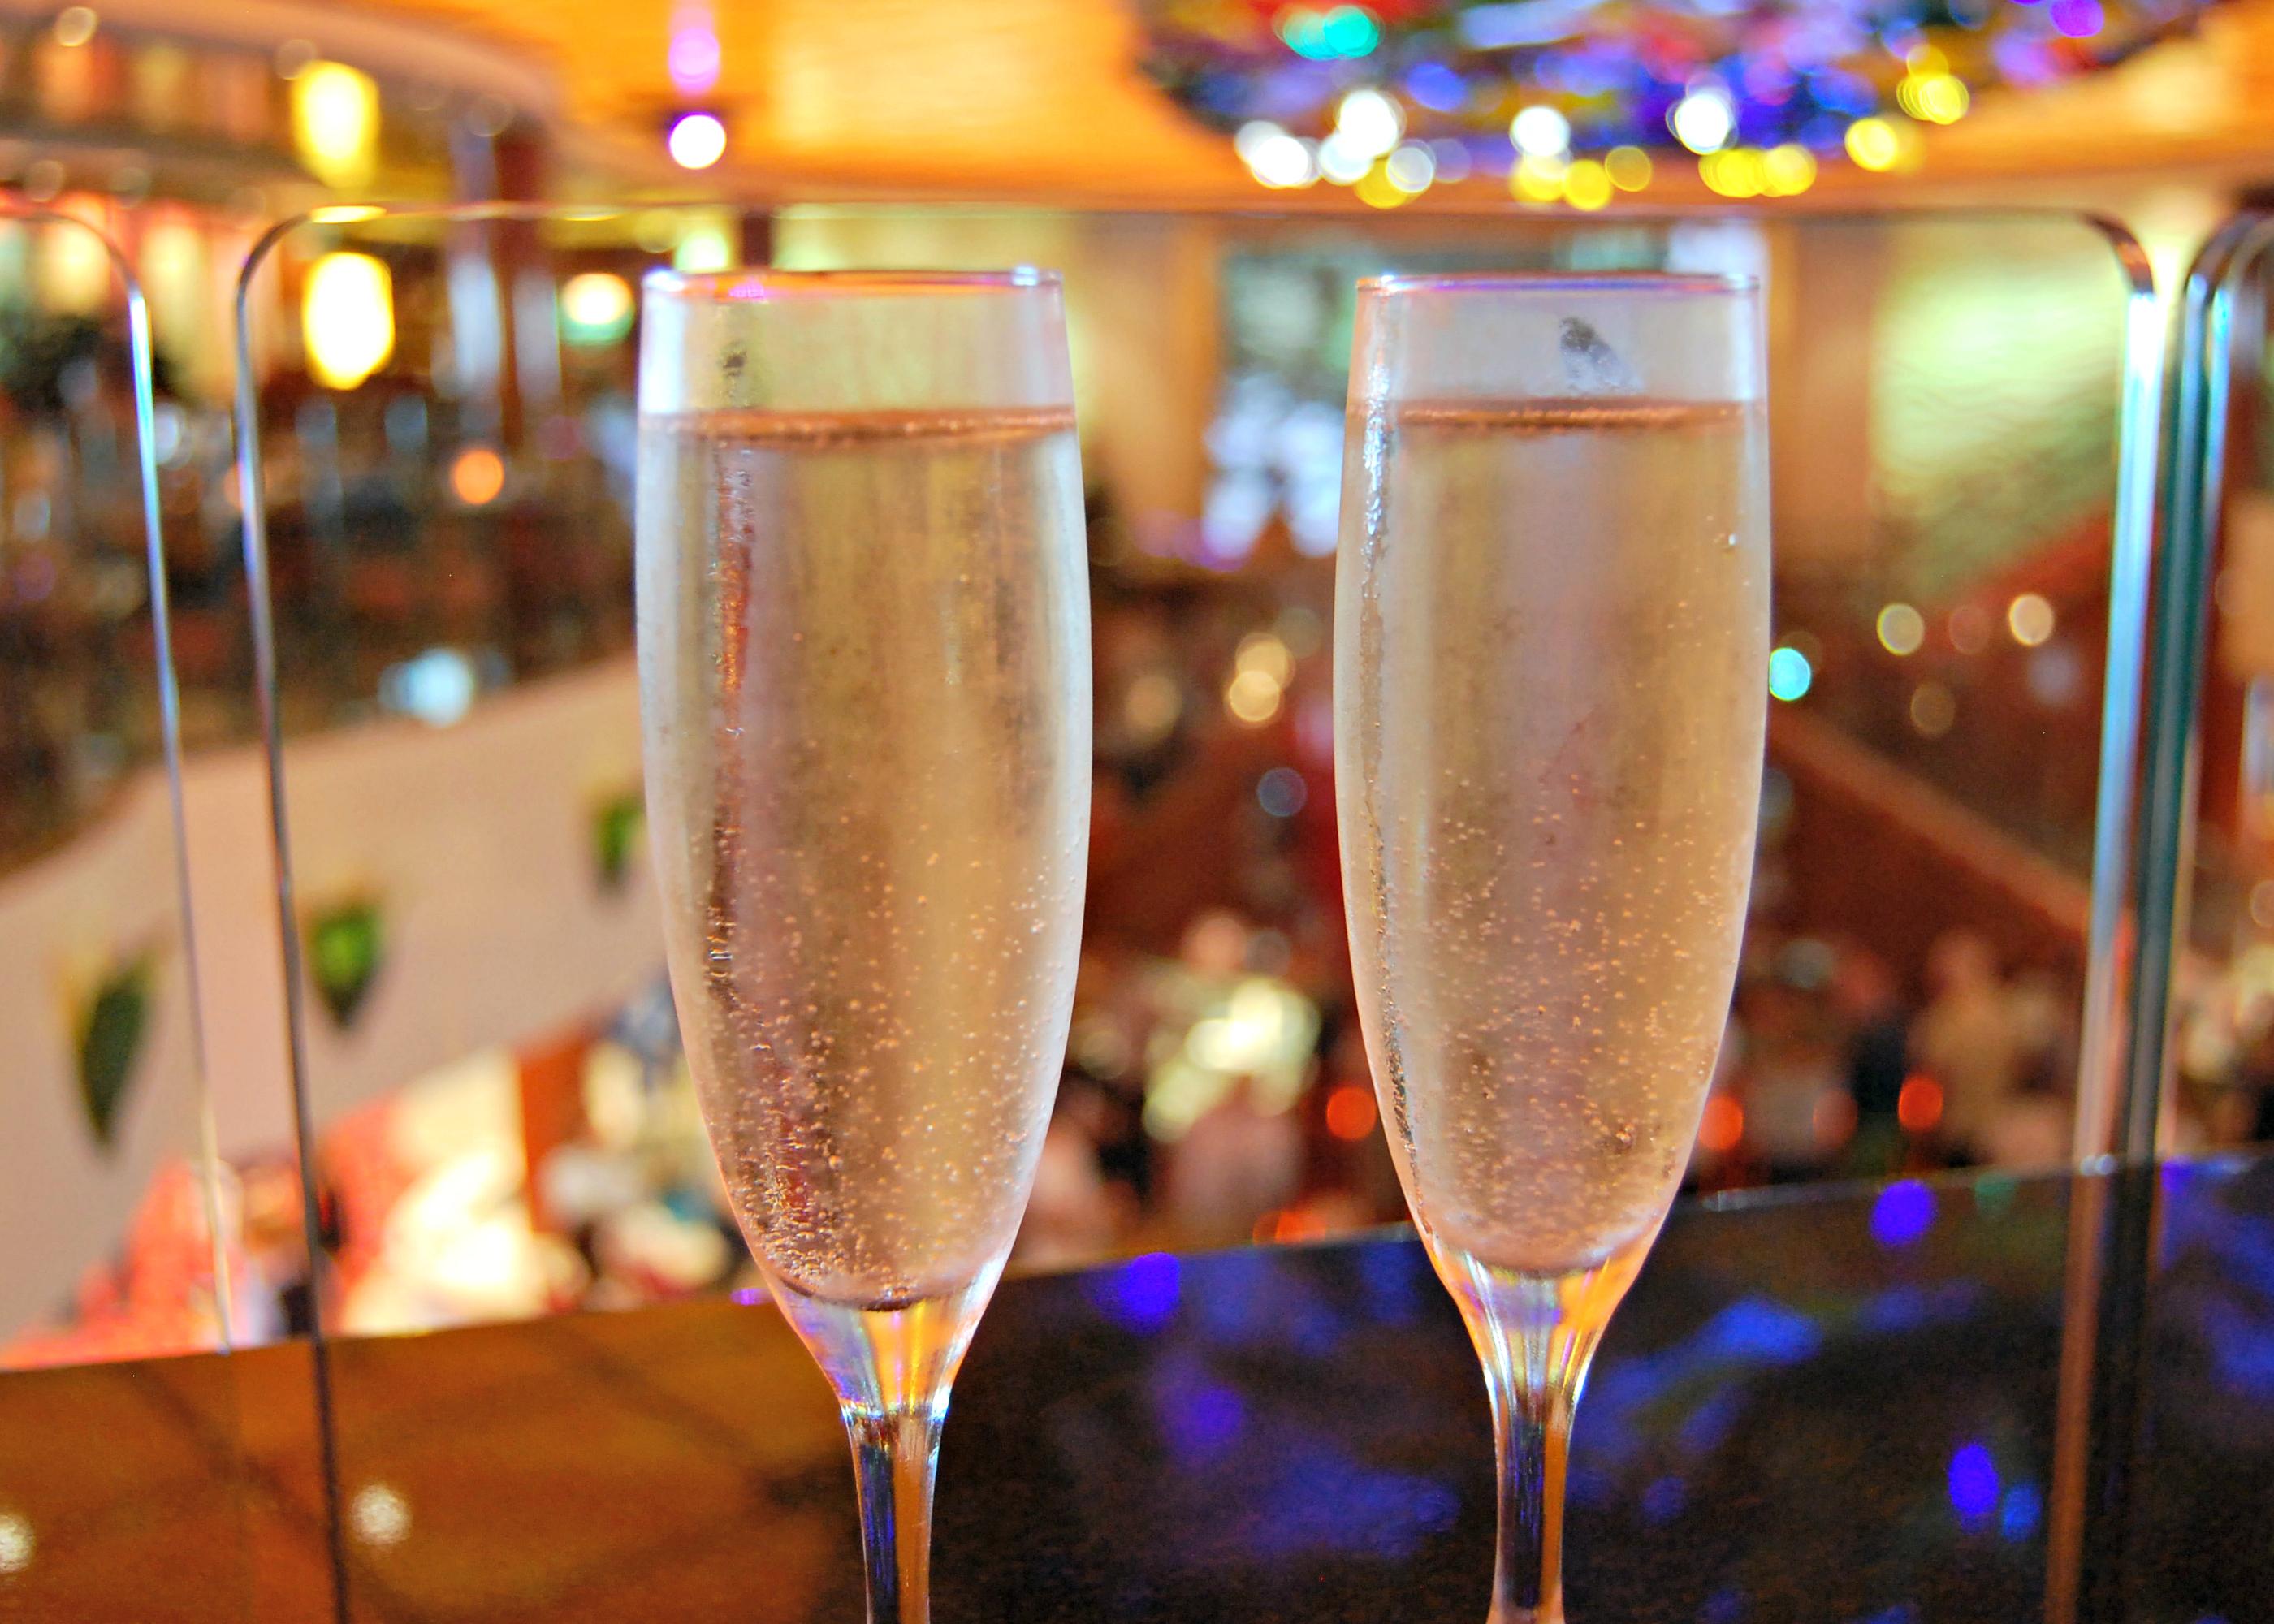 Norwegian Jade champagne cruise